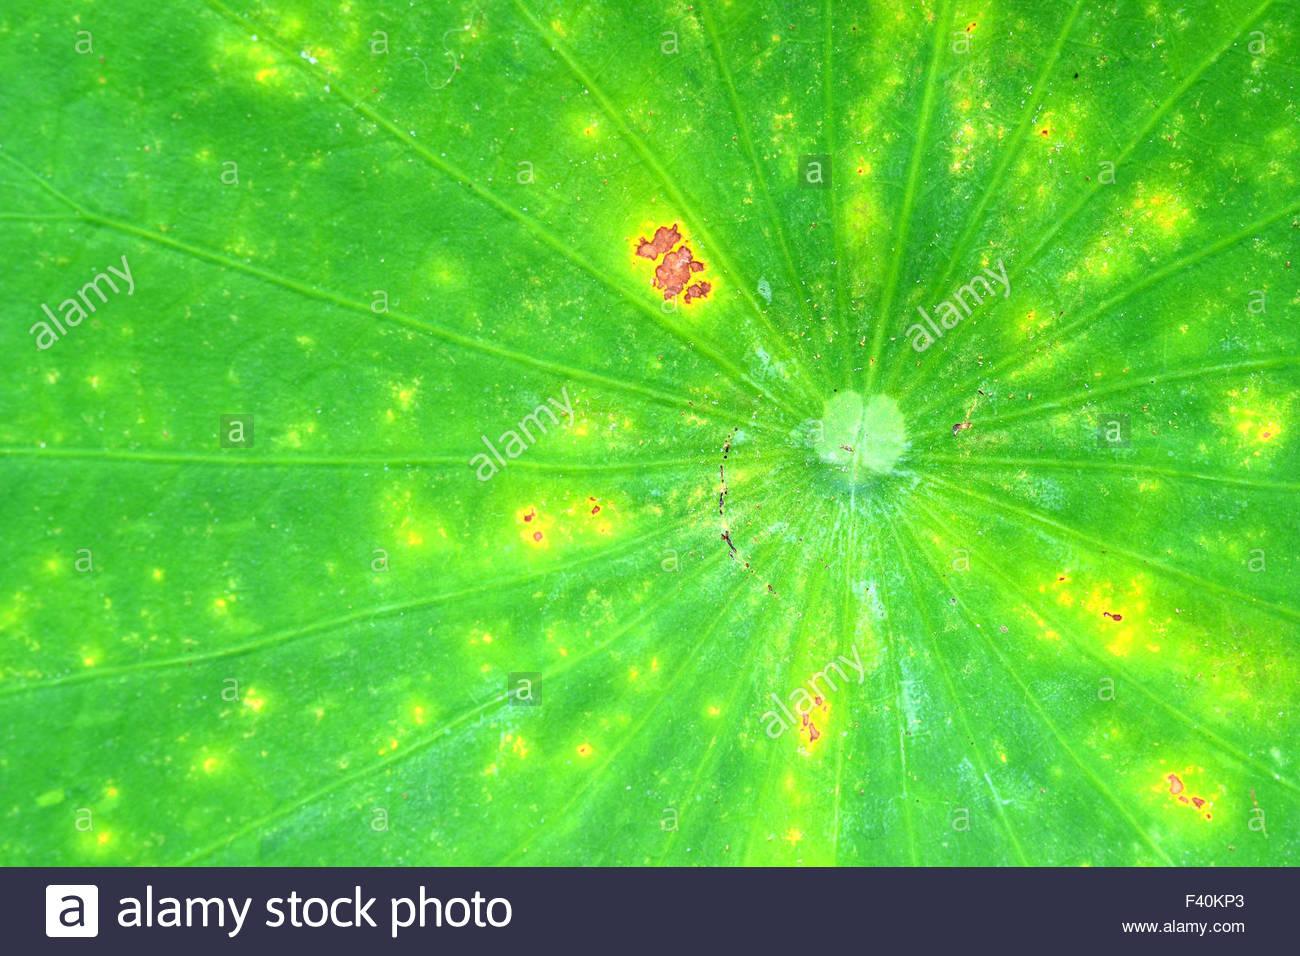 Les veines de la feuille de lotus. Photo Stock